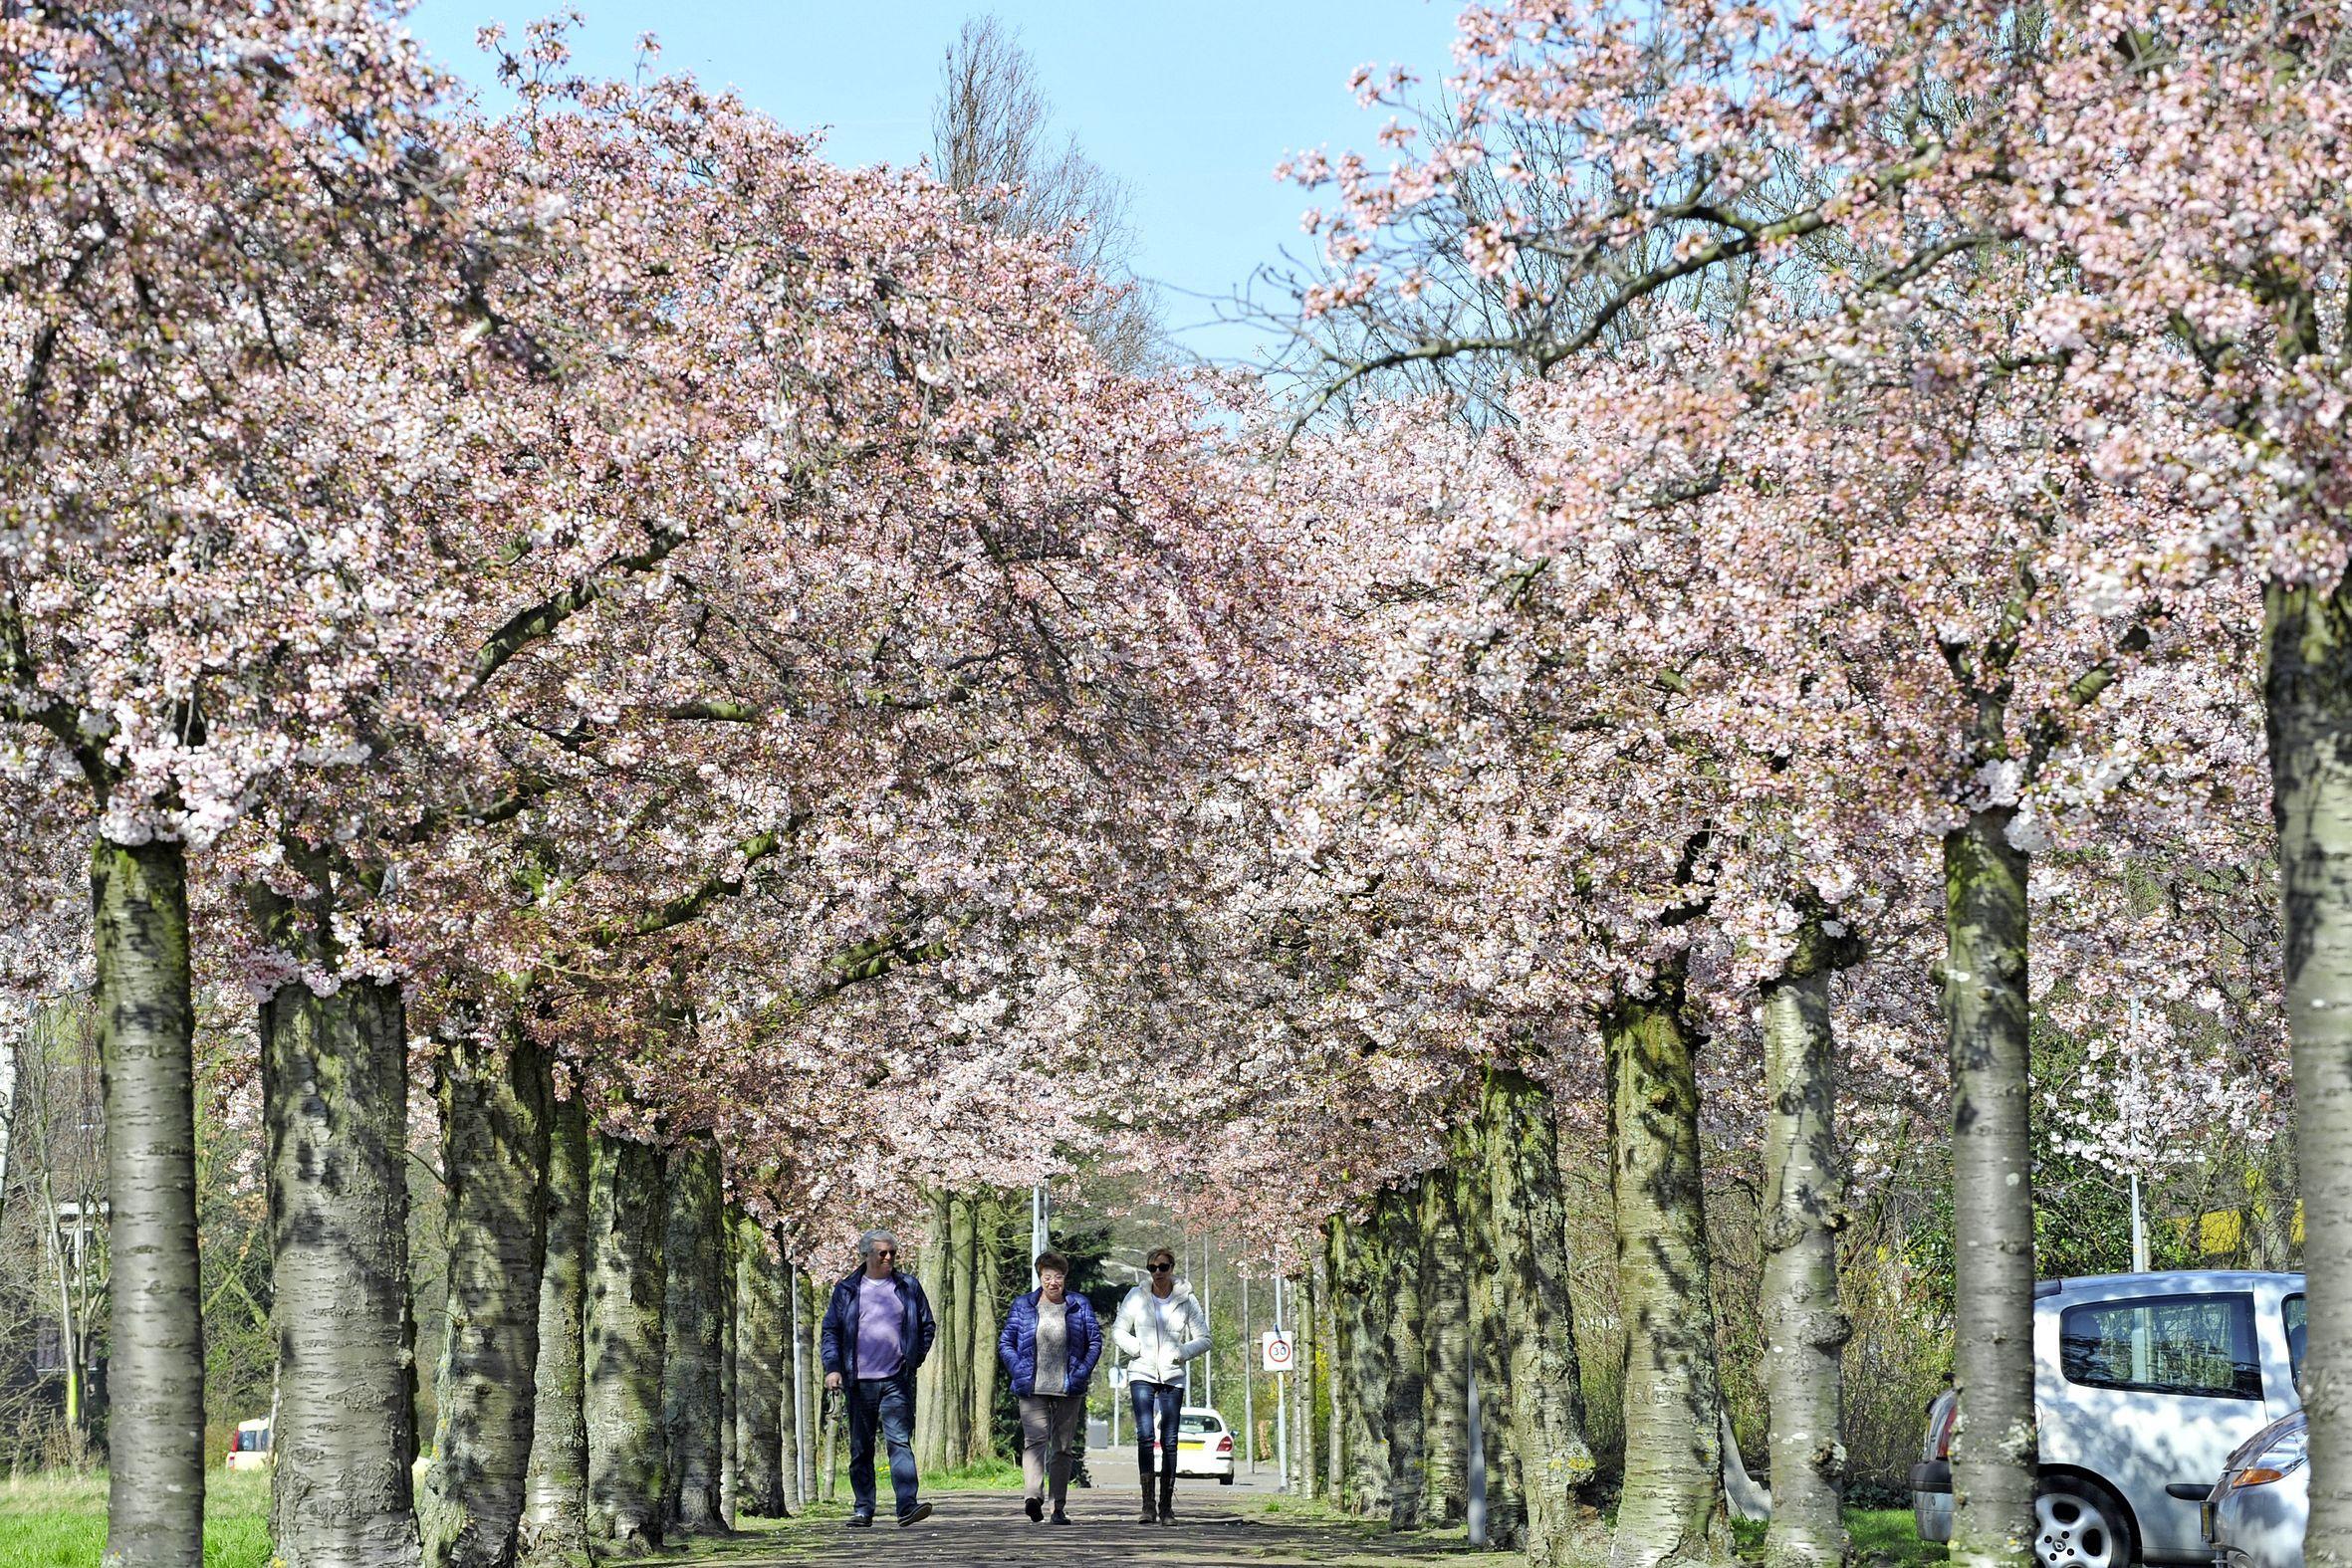 Zestig zieke bomen worden in Heemskerk gekapt met de belofte: 'Vanzelfsprekend plaatsen we nieuwe bomen terug'